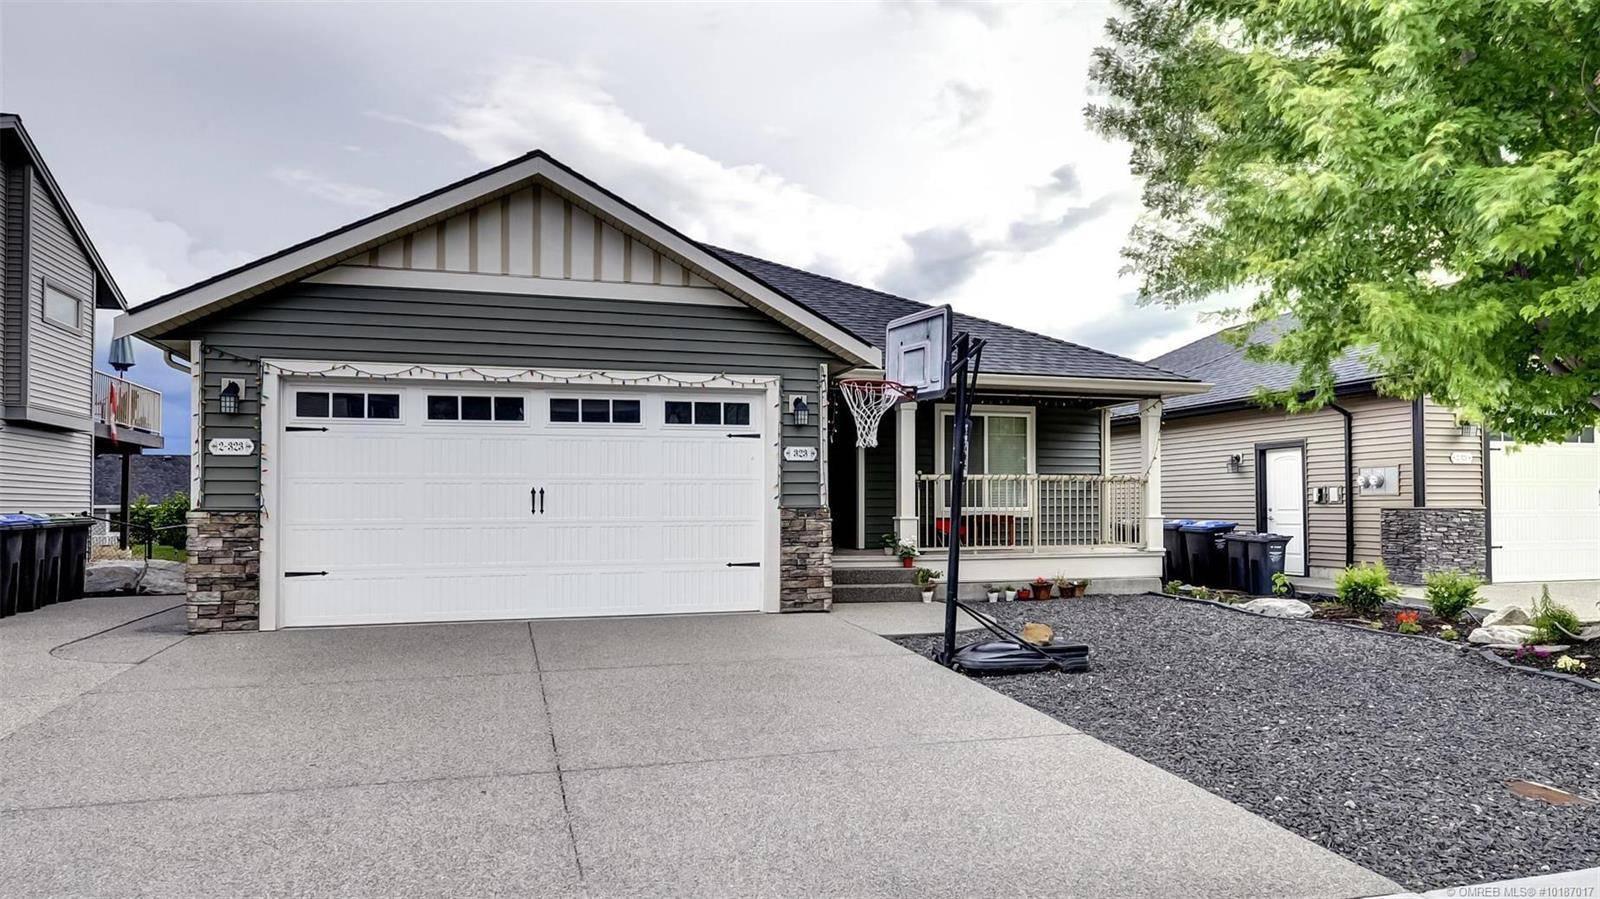 House for sale at 323 Arab Rd Kelowna British Columbia - MLS: 10187017